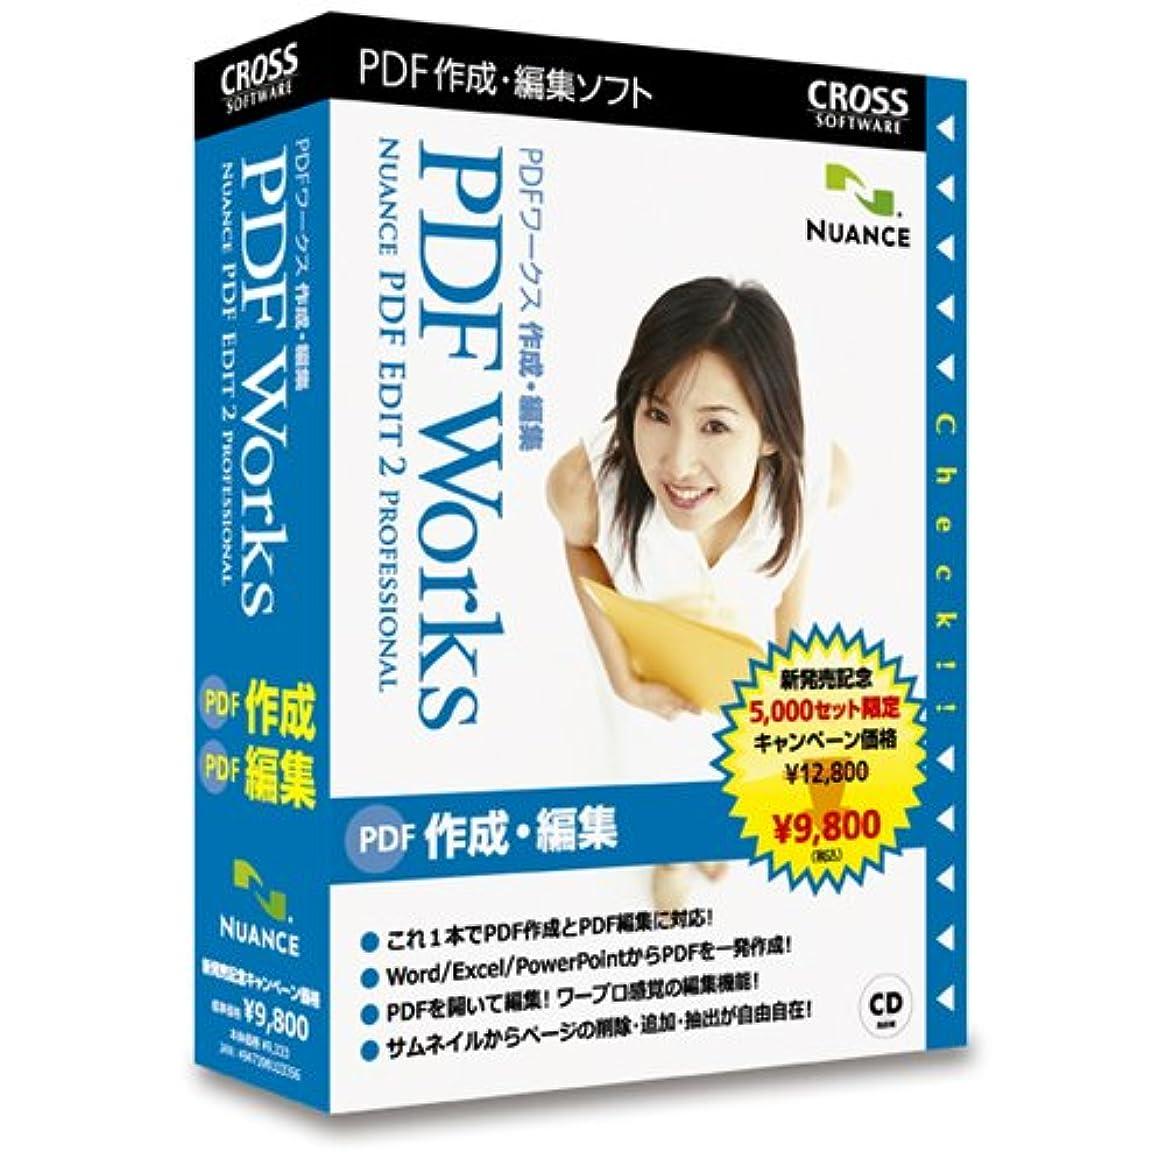 変形する肥料体操PDF Works 作成?編集 キャンペーン版